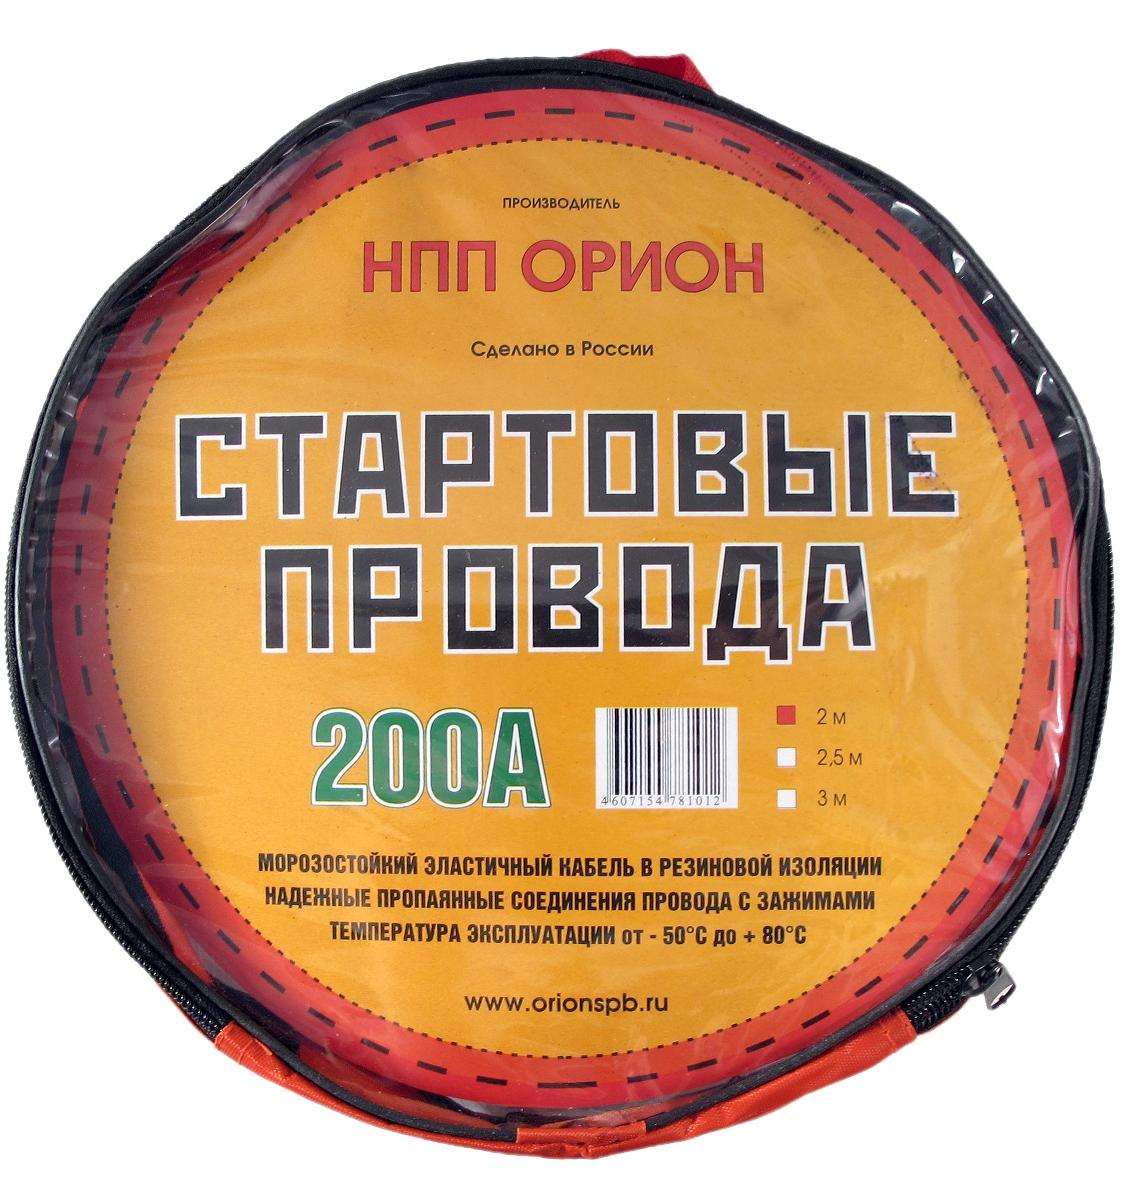 """Орион авто Стартовые провода """"Орион"""", хладостойкие, в сумке, 200А, 2 м 5036"""